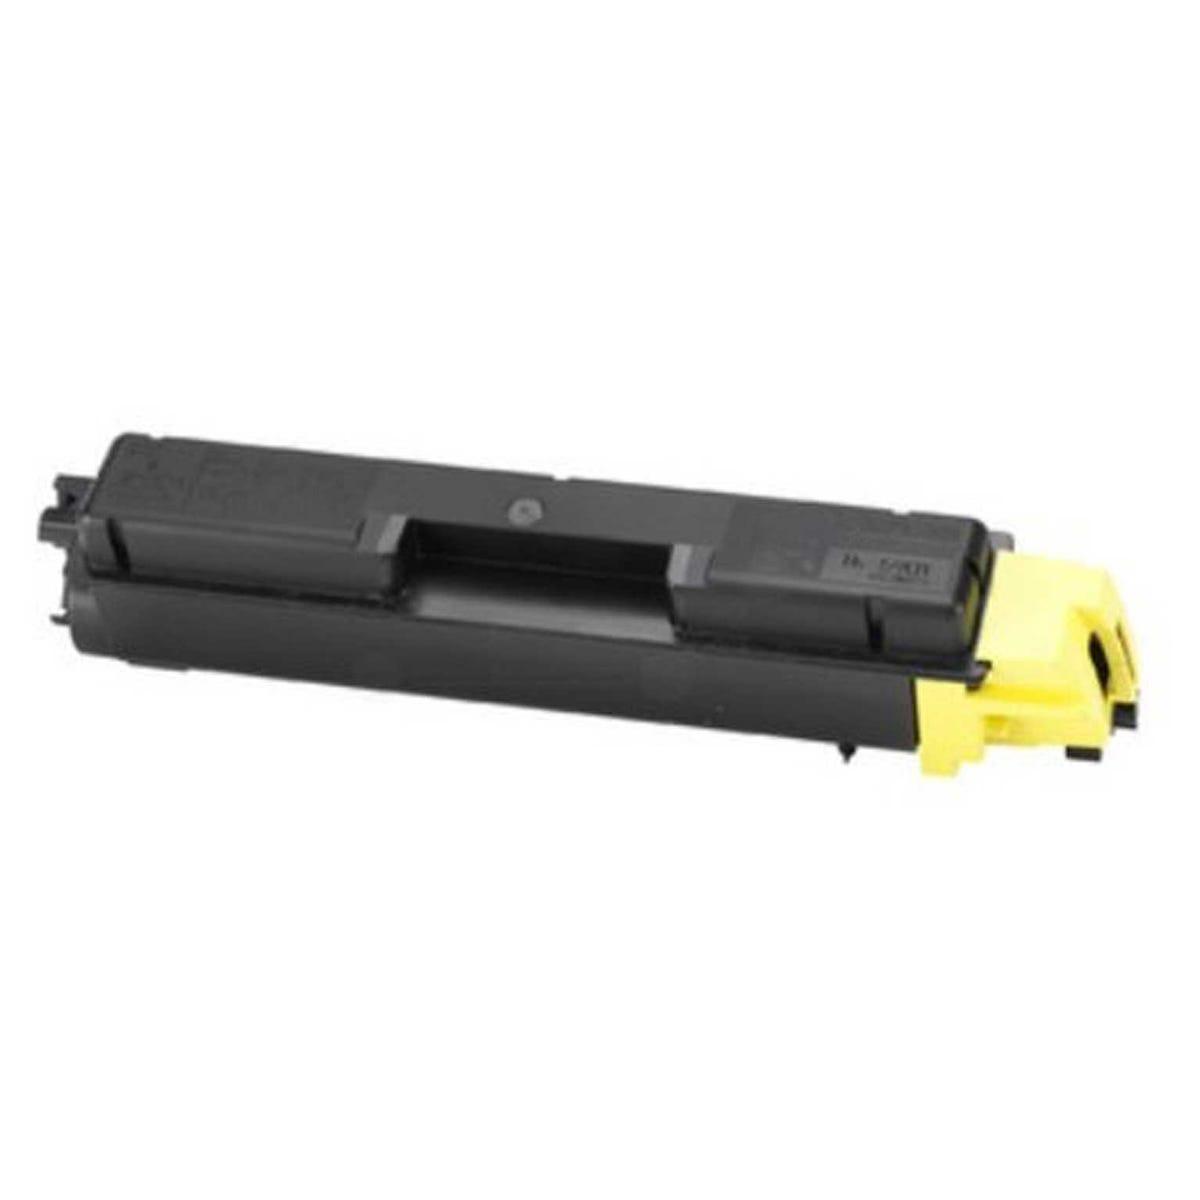 Kyocera TK-590Y Printer Toner Cartridge, Yellow